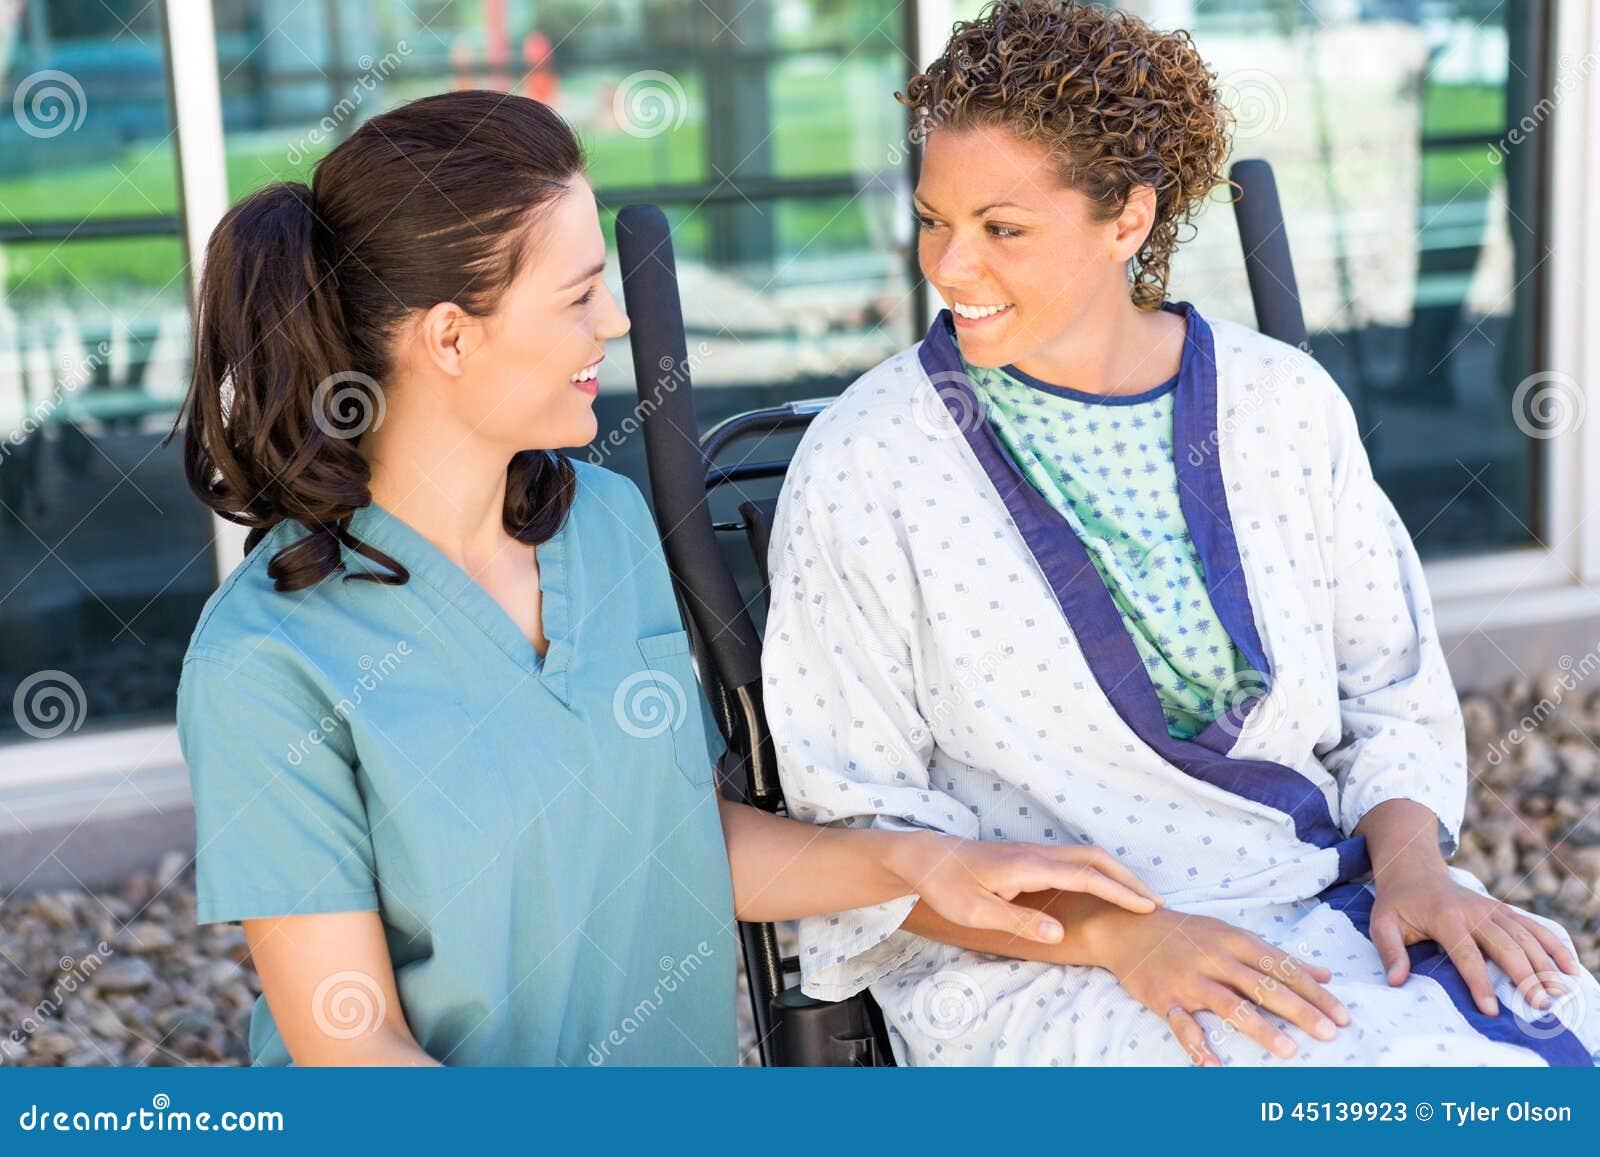 Infirmière de regard patiente féminine While Sitting On